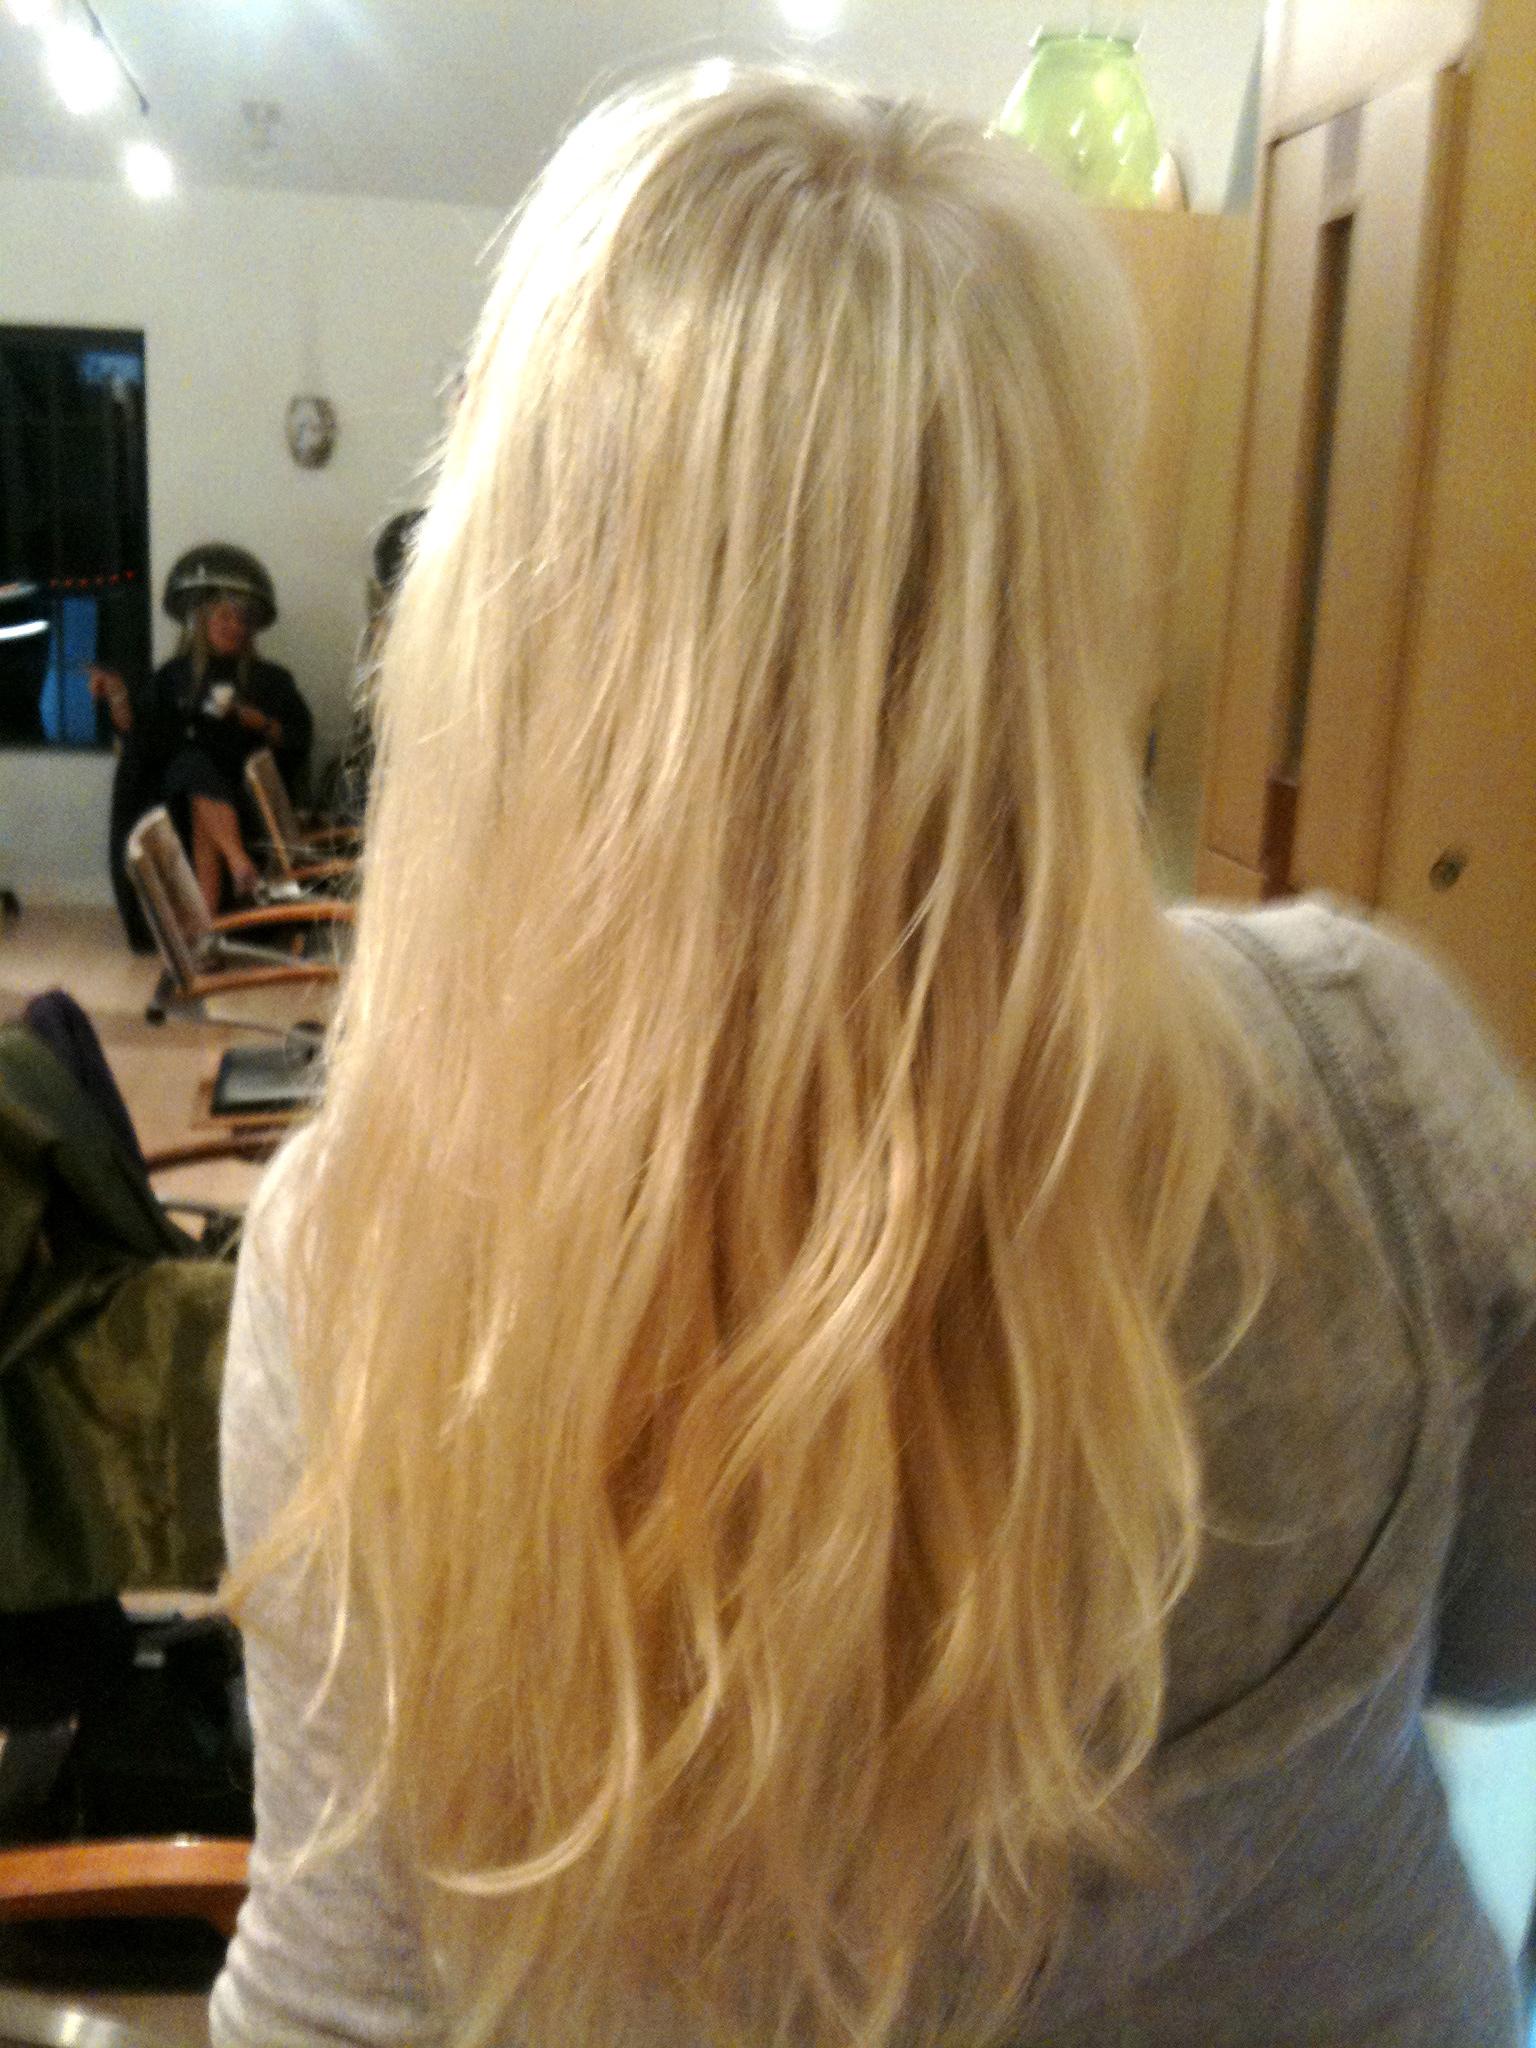 Hair by Astrid